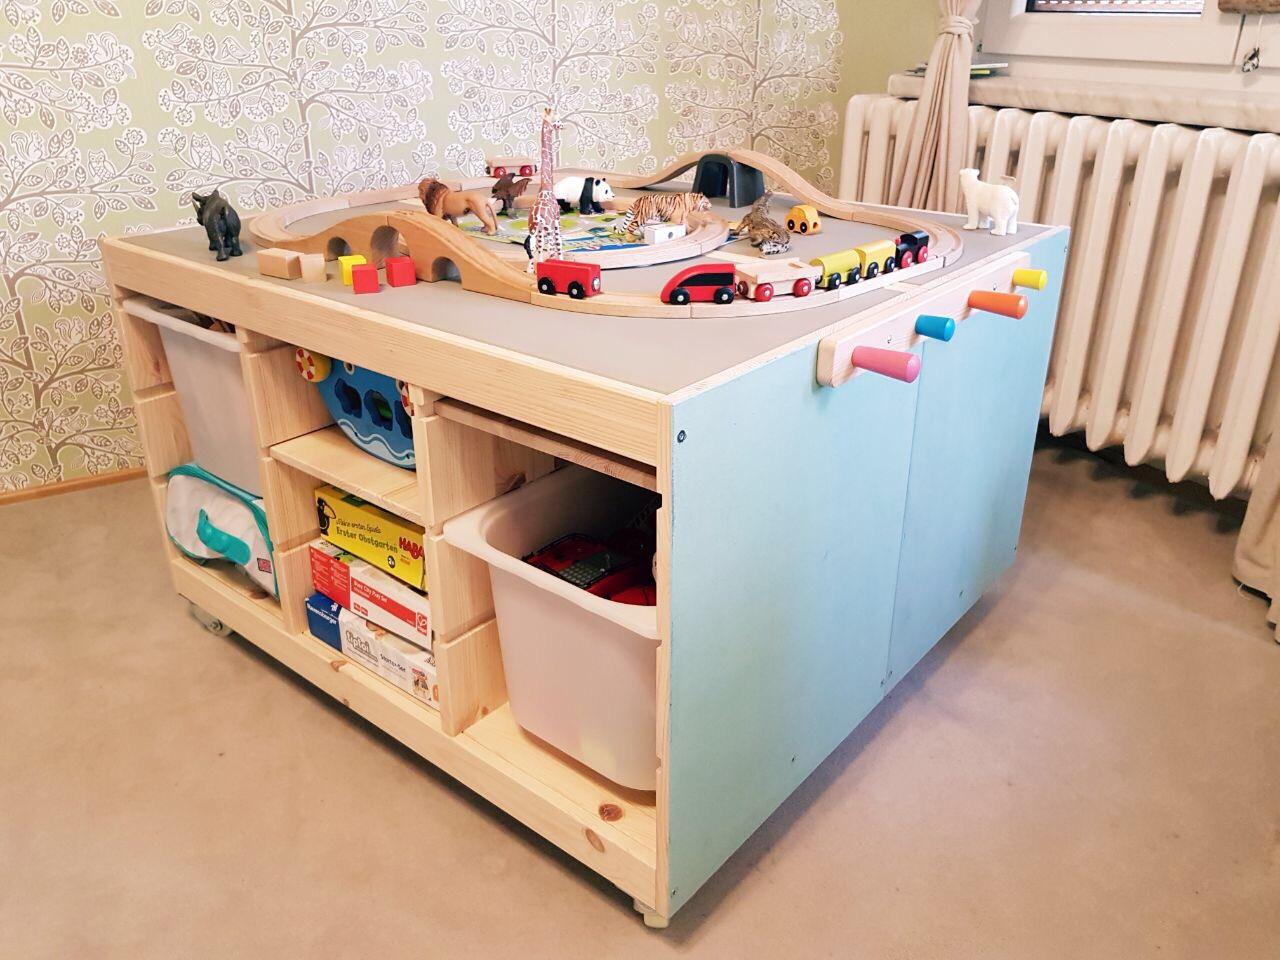 Full Size of Ikea Hacks Aufbewahrung Diy Spieltisch Hack Aufbruch Zum Umdenken Miniküche Modulküche Betten 160x200 Küche Kosten Aufbewahrungssystem Bett Mit Kaufen Wohnzimmer Ikea Hacks Aufbewahrung